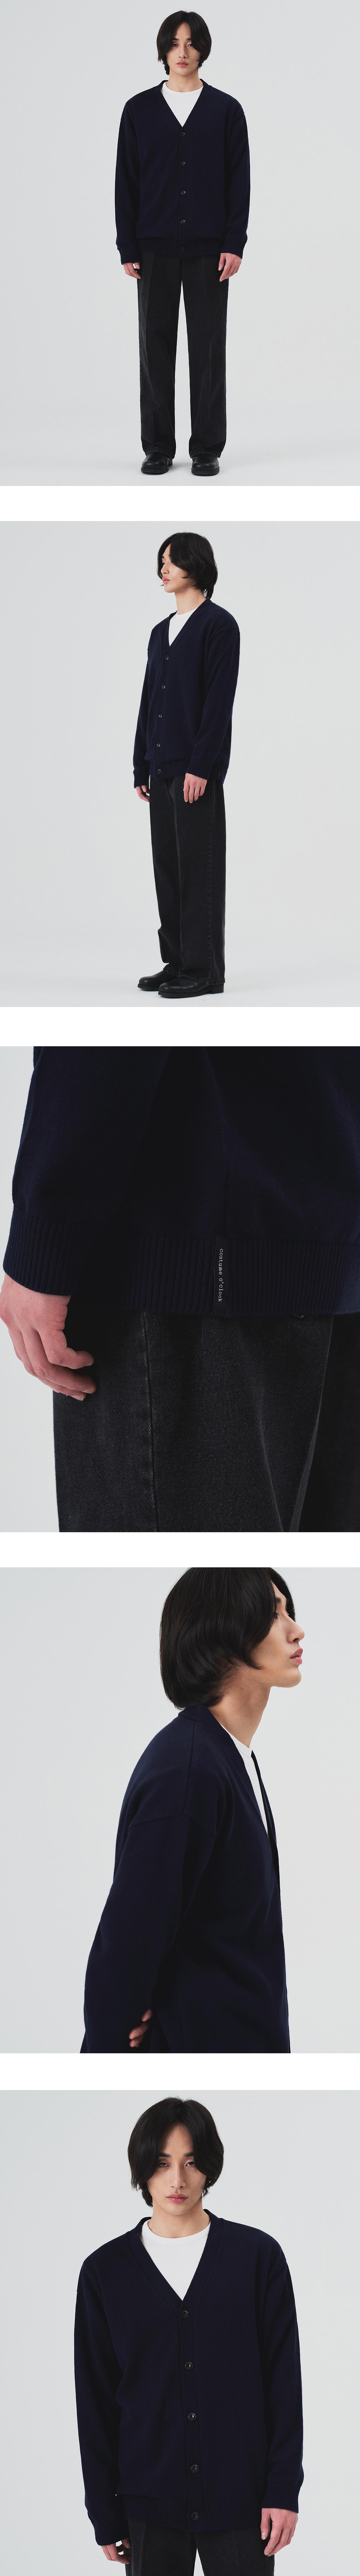 커스텀어클락(COSTUME O'CLOCK) 소프트 베이직 가디건 네이비